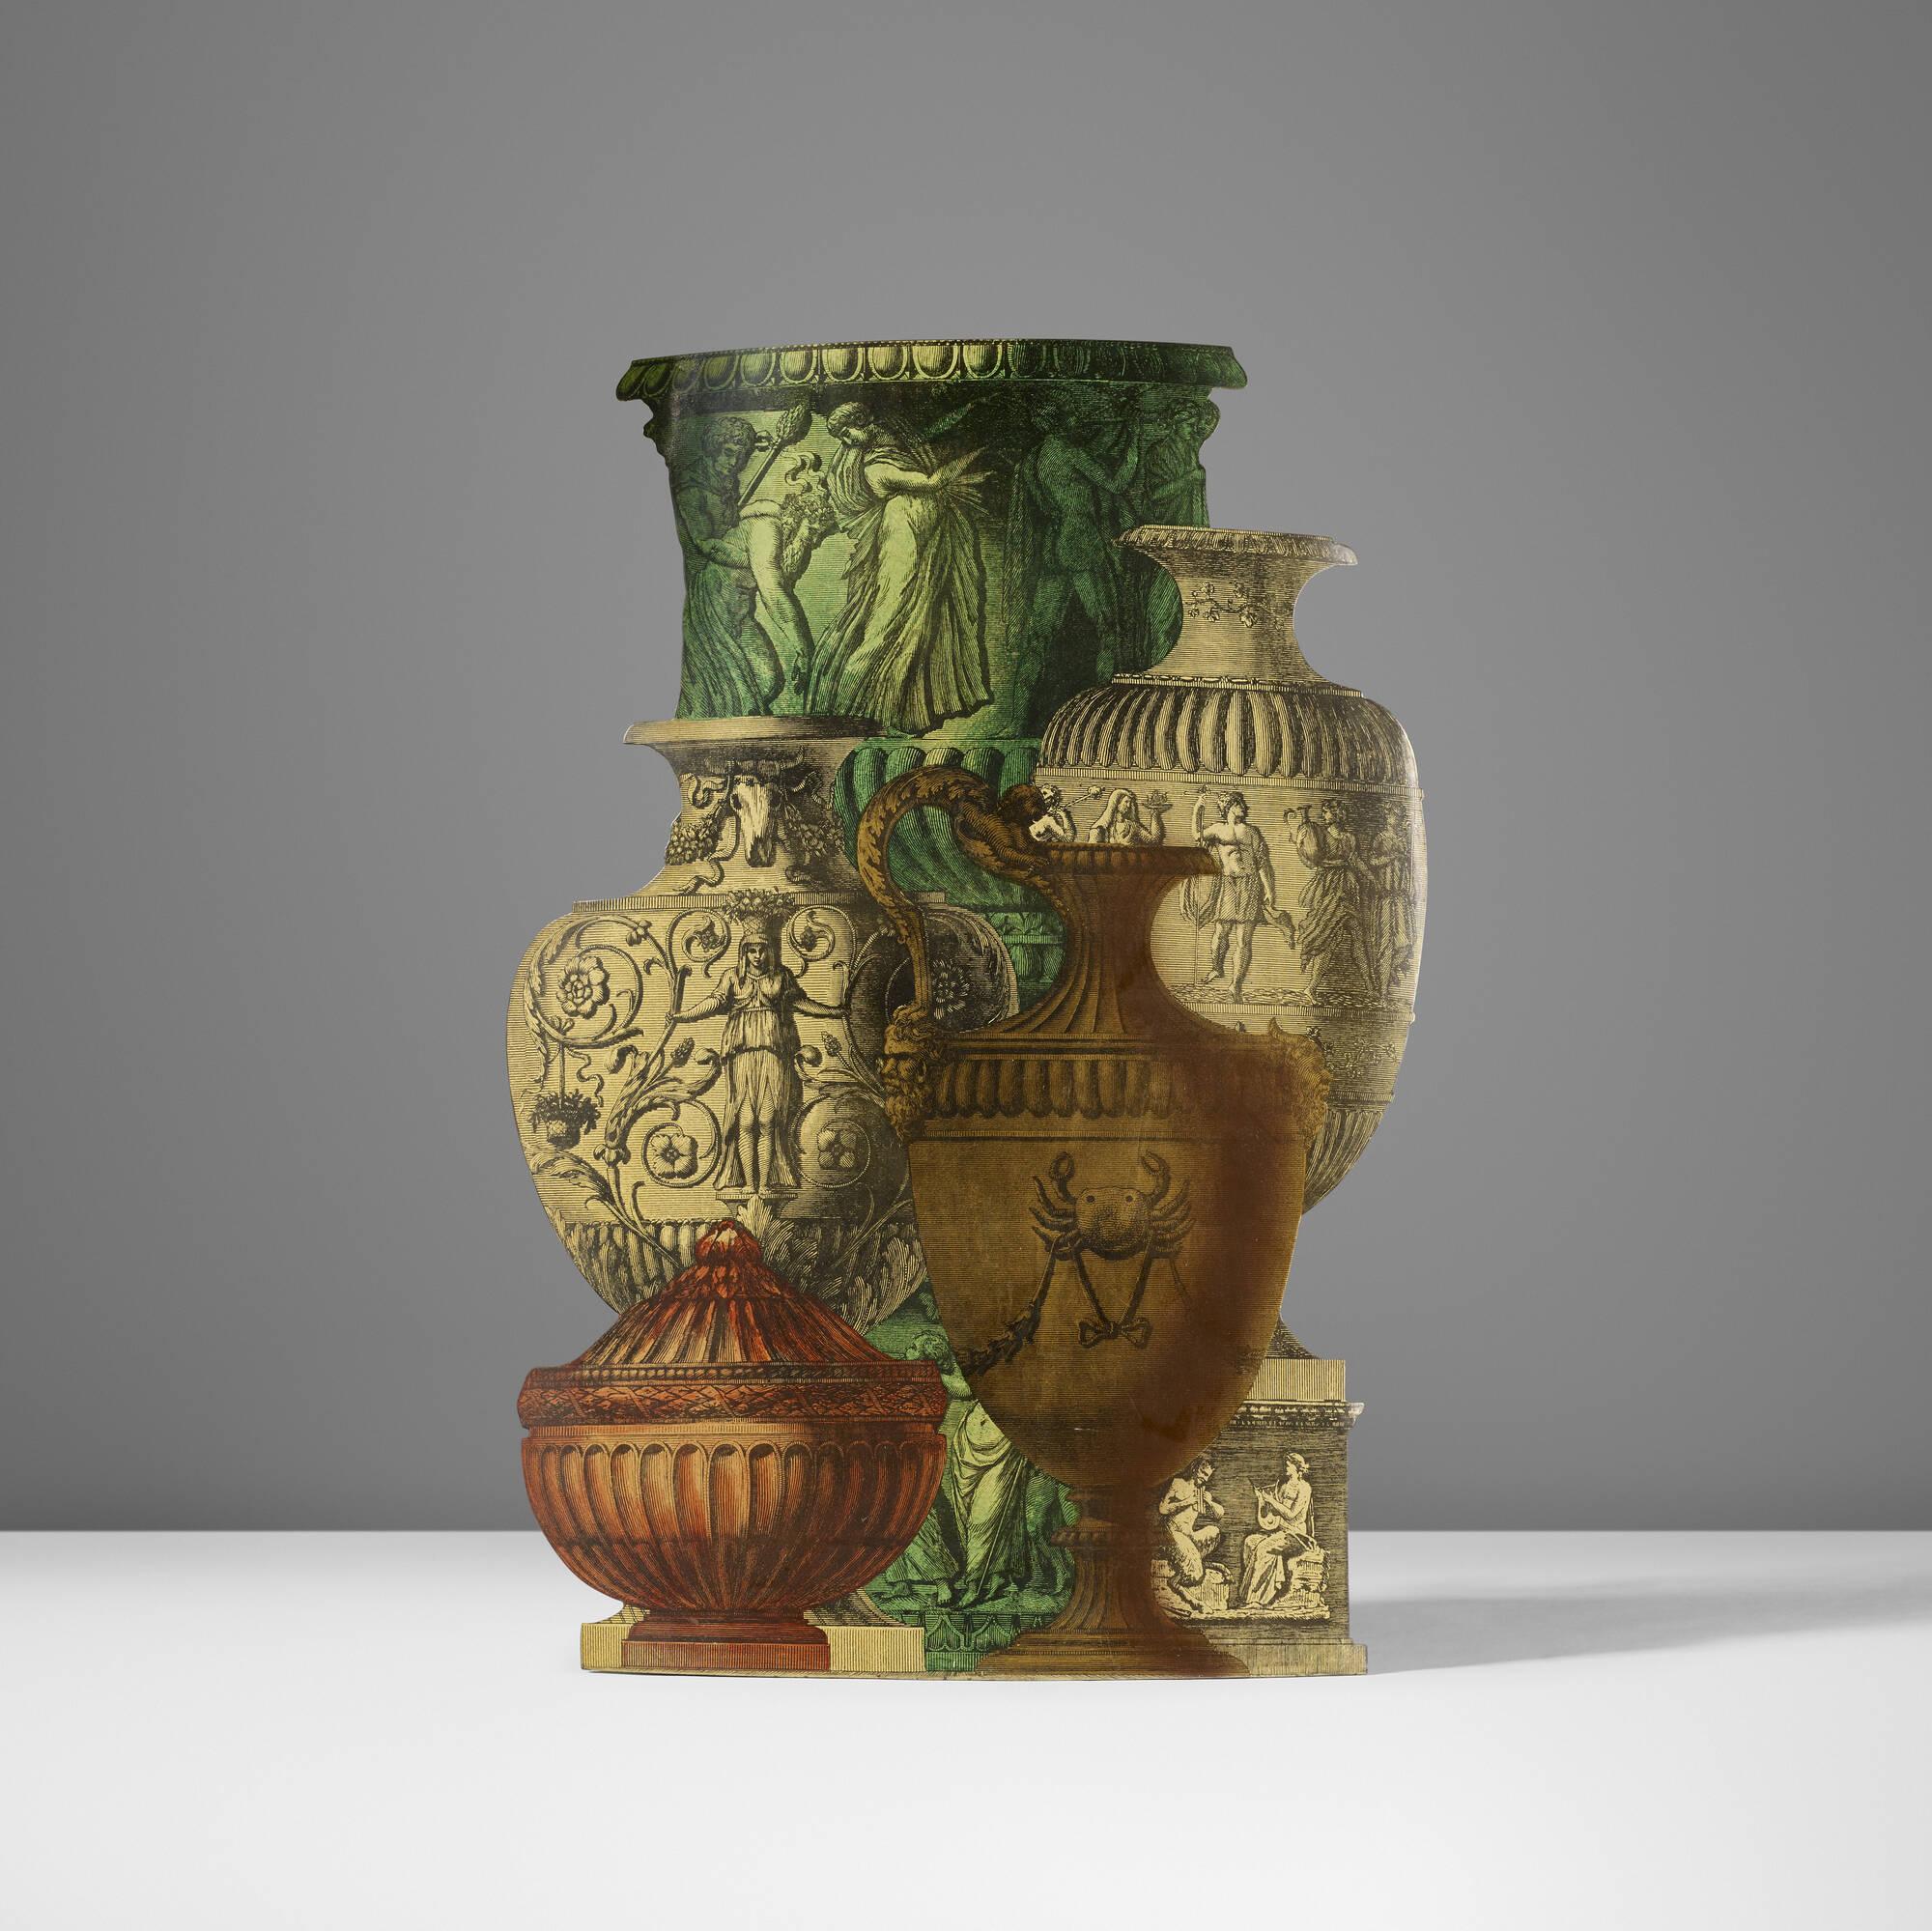 141 piero fornasetti vasi antichi umbrella stand for Vasi antichi